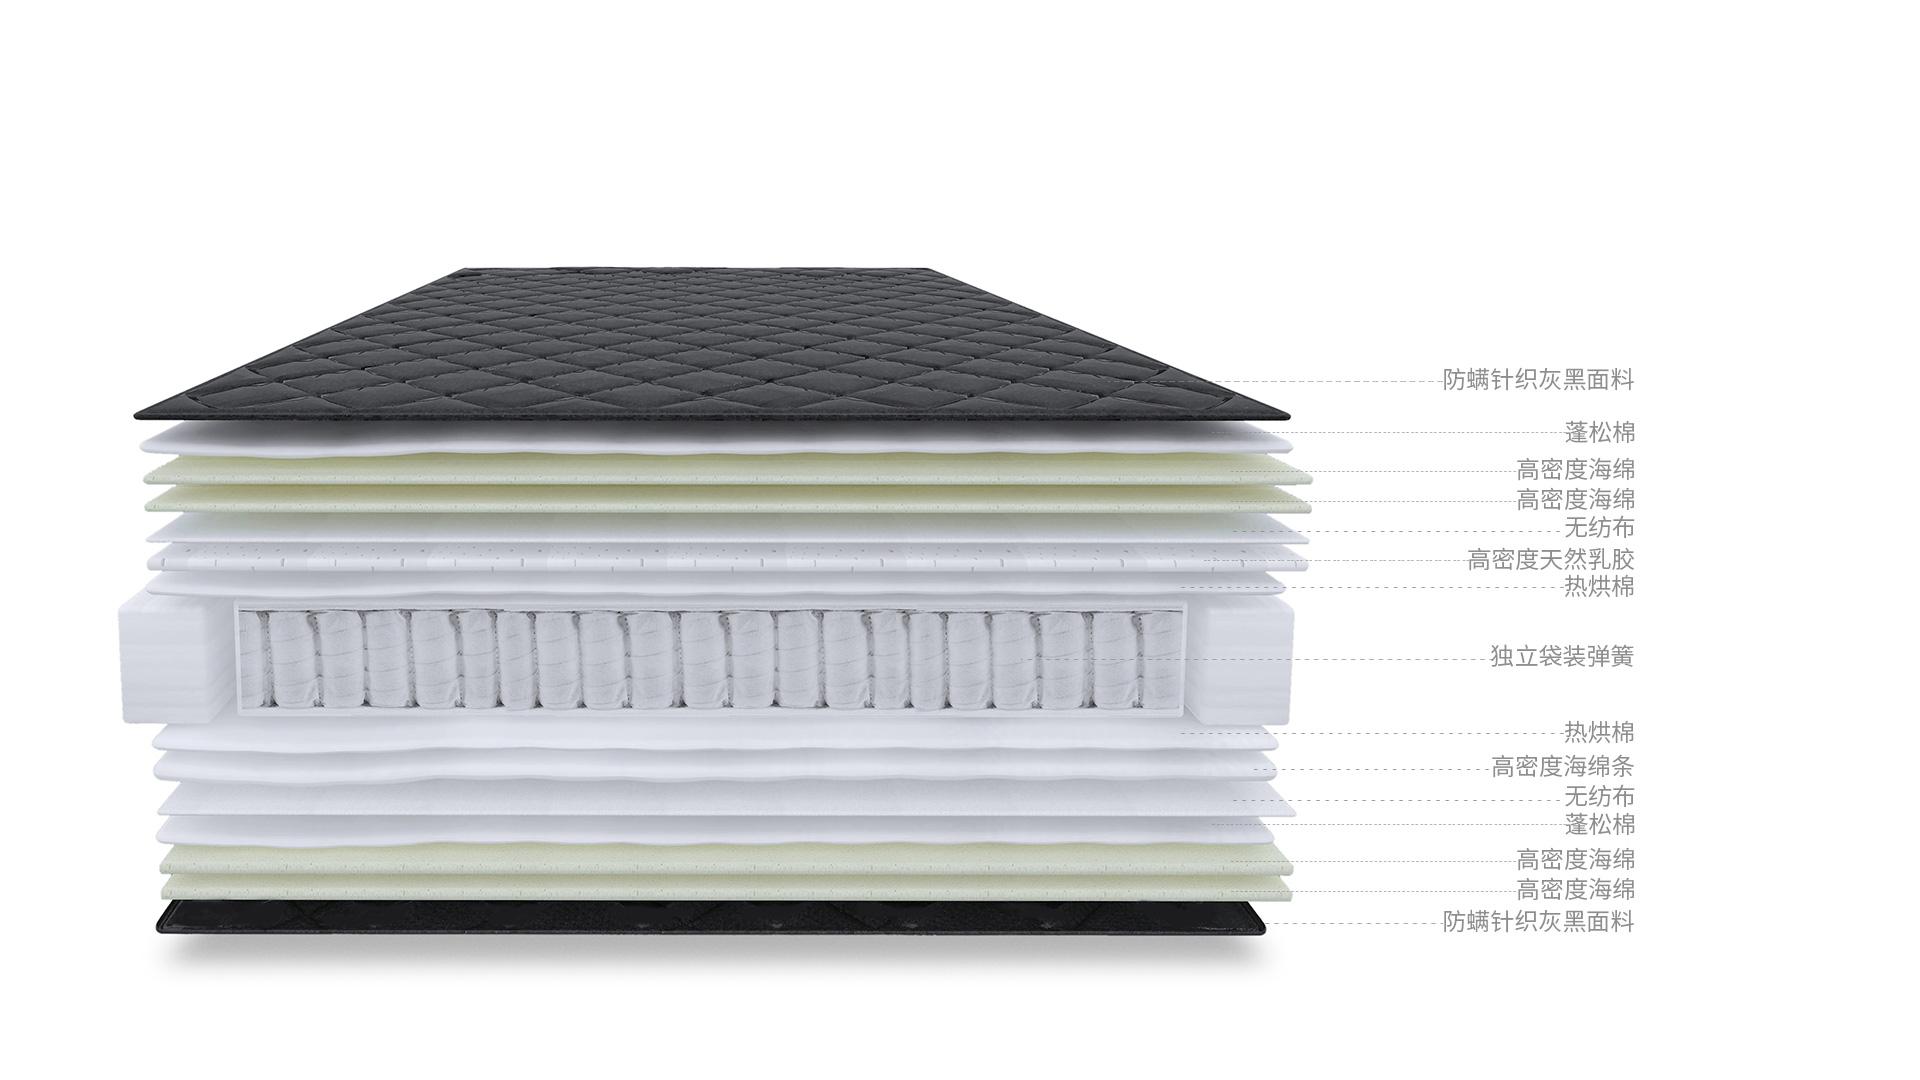 """15层填充物,4大""""沉睡设计"""",一次性真空卷包成型送到你家。?x-oss-process=image/format,jpg/interlace,1"""